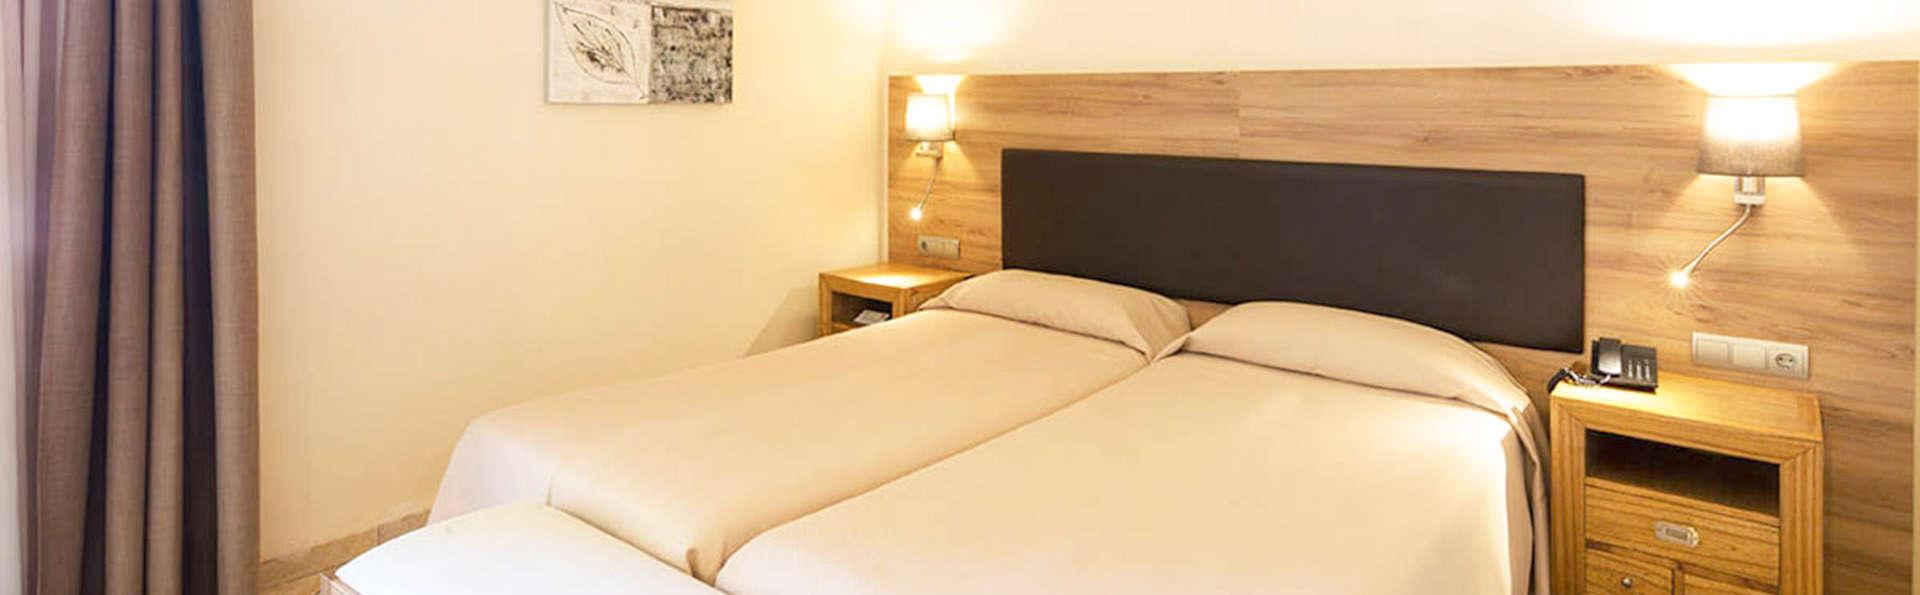 Hotel Eden Roc - EDIT_BEDROOM_02.jpg